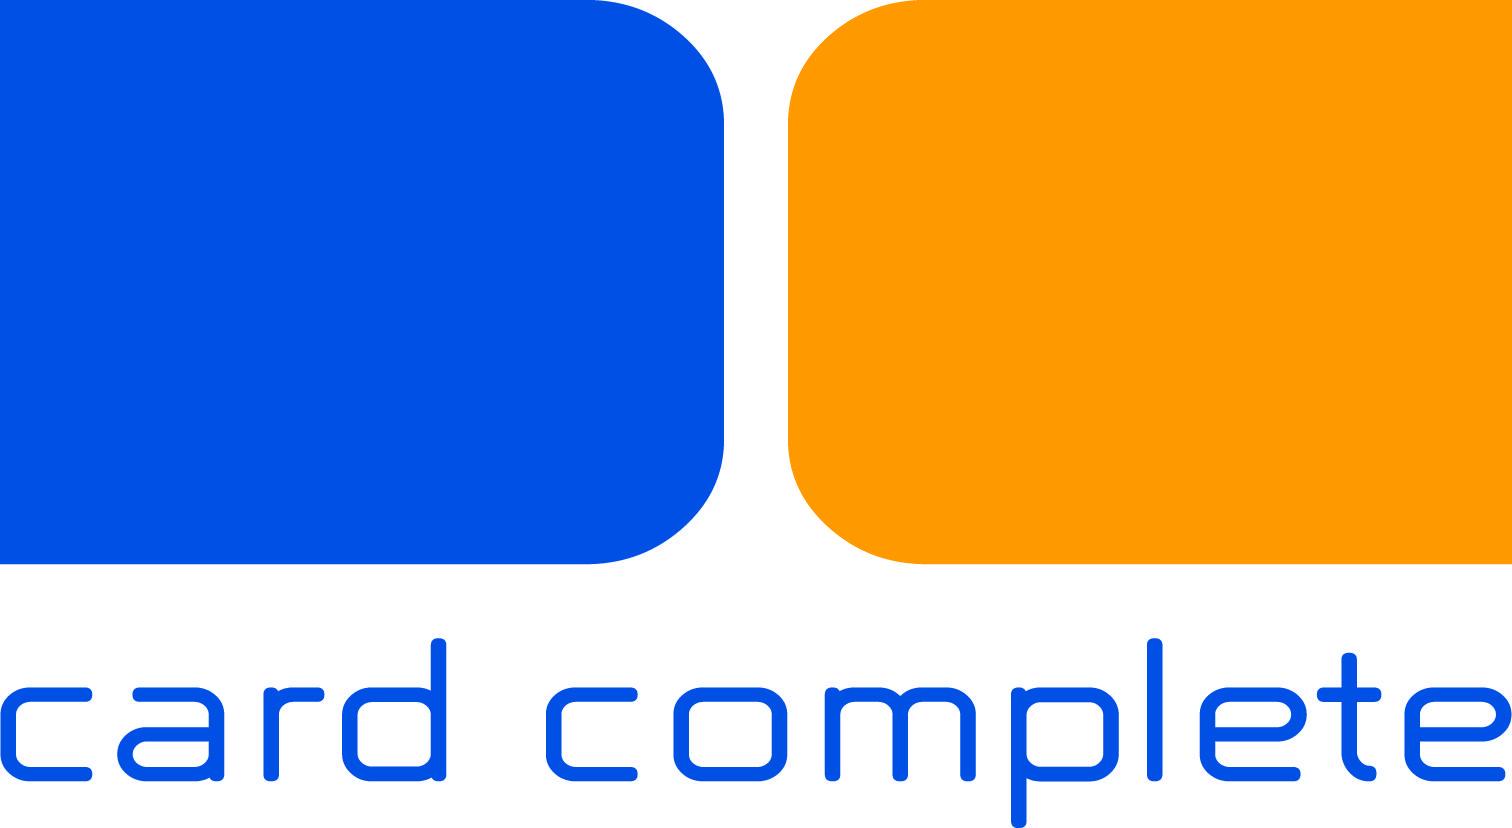 cc_logo_ohne_4c.jpg